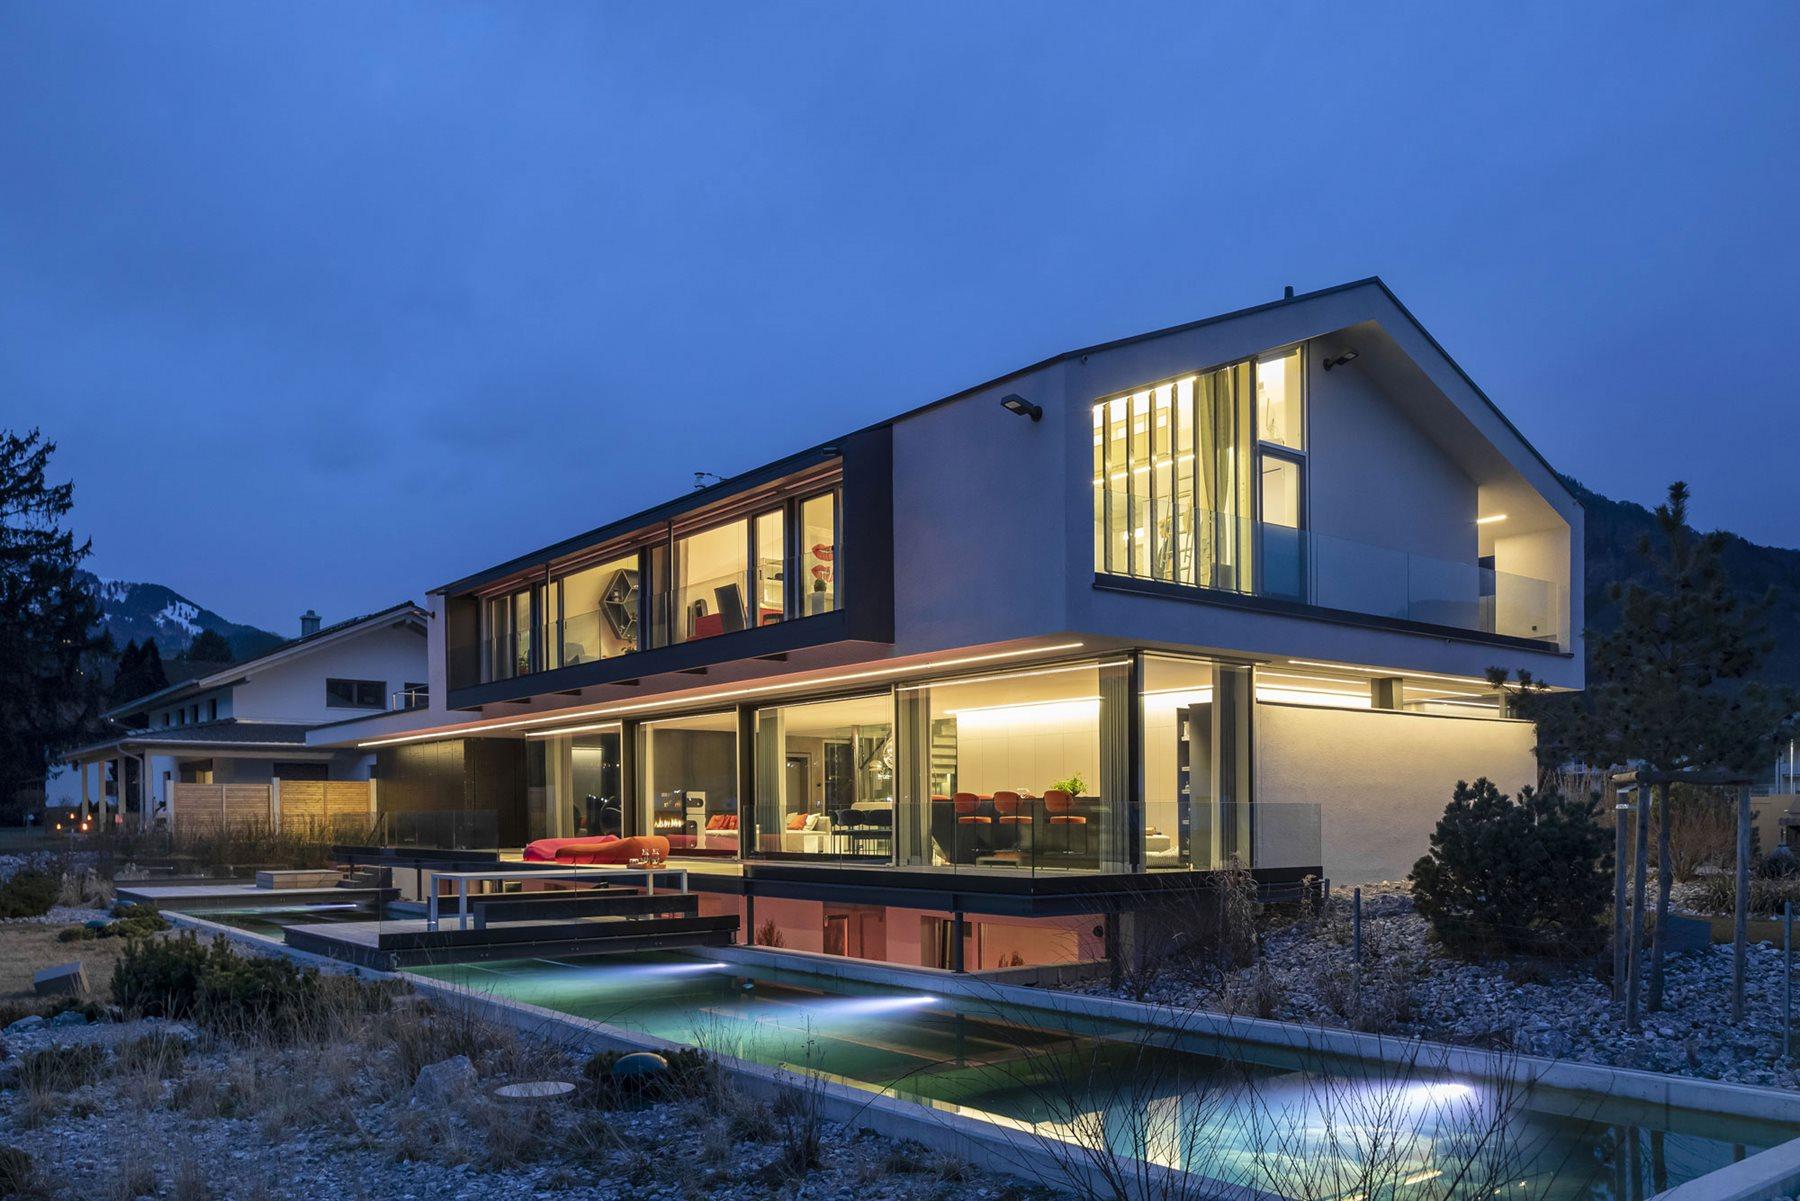 Shine a light - the Brückner private residence